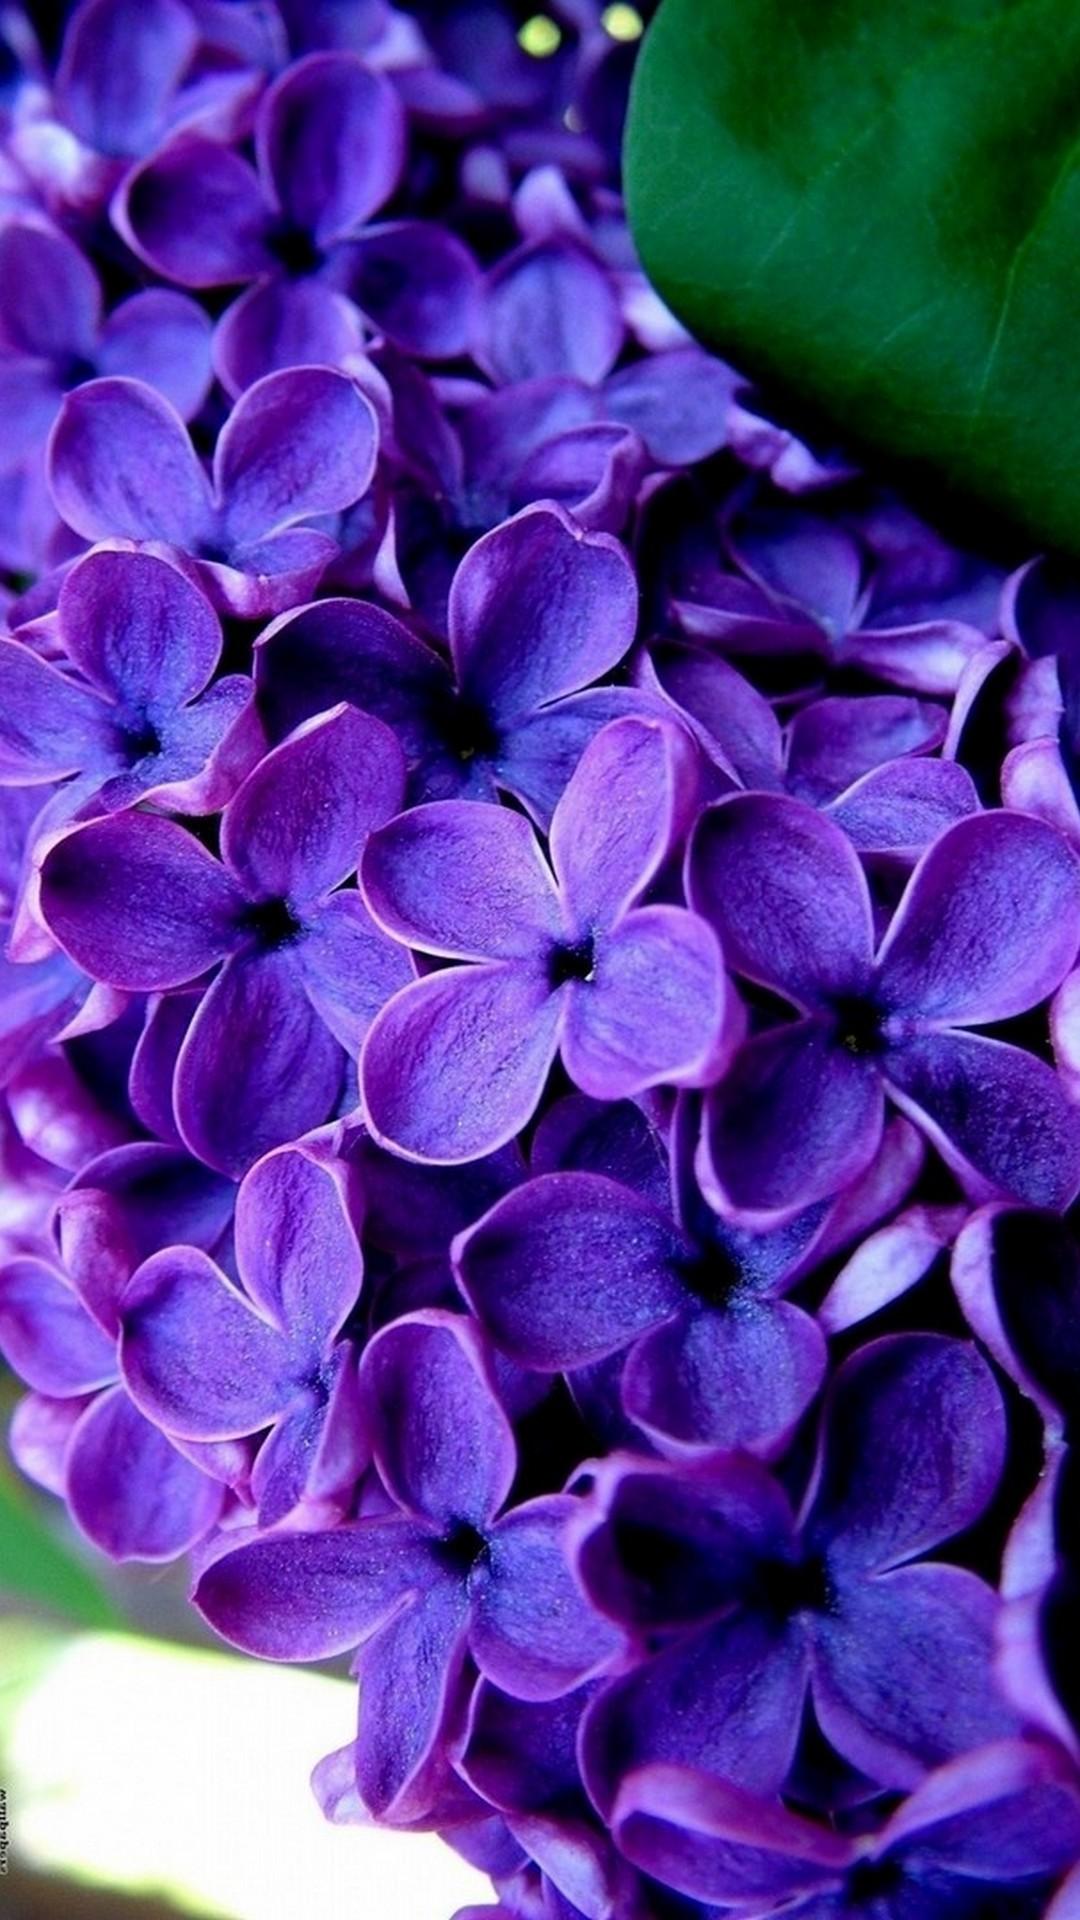 Purple Flowers Mobile Wallpaper HD 2020 Cute Wallpapers 1080x1920